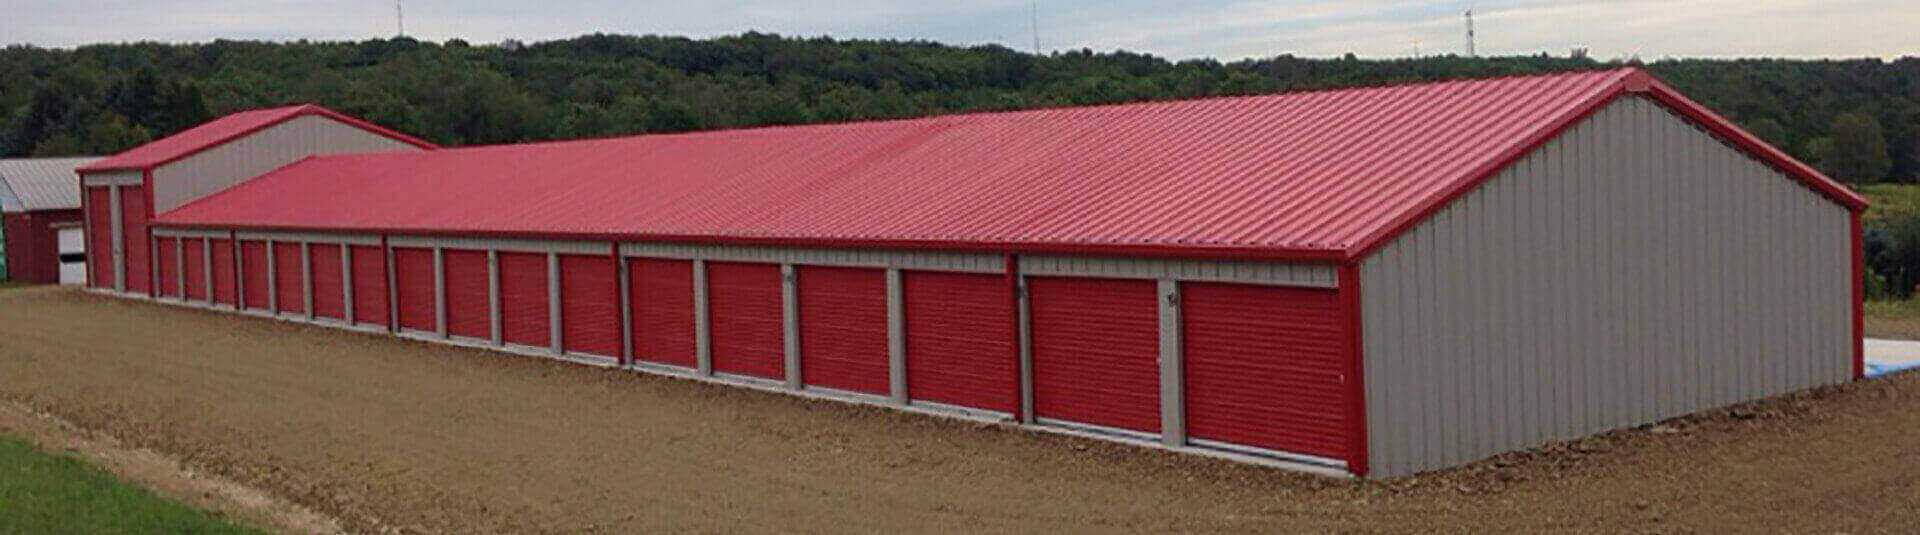 storage-building-red-metal-building